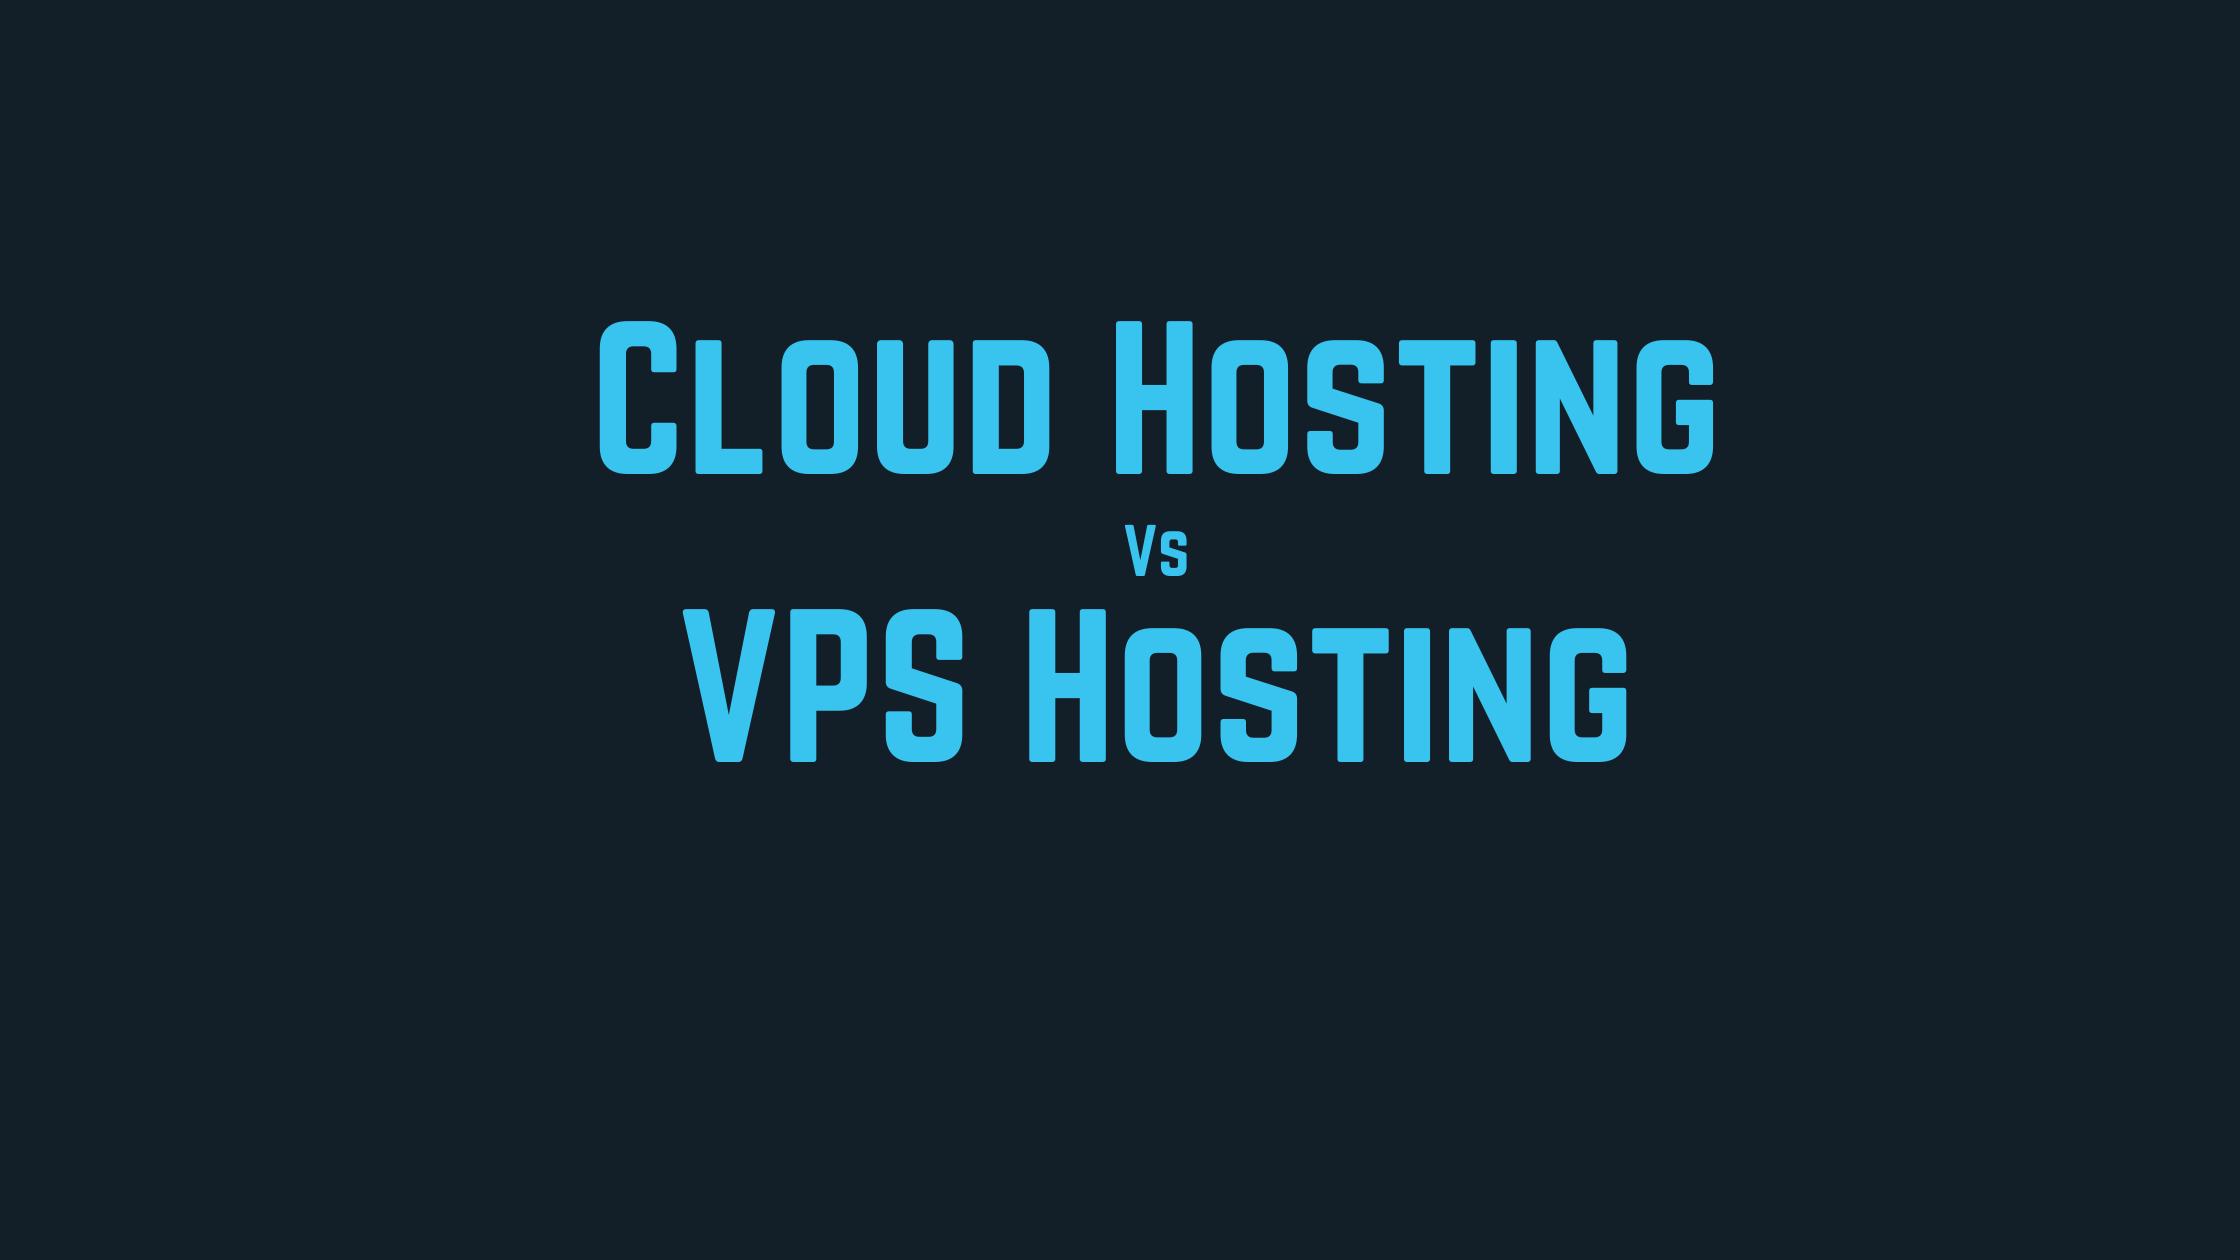 cloud hosting vs vps hosting